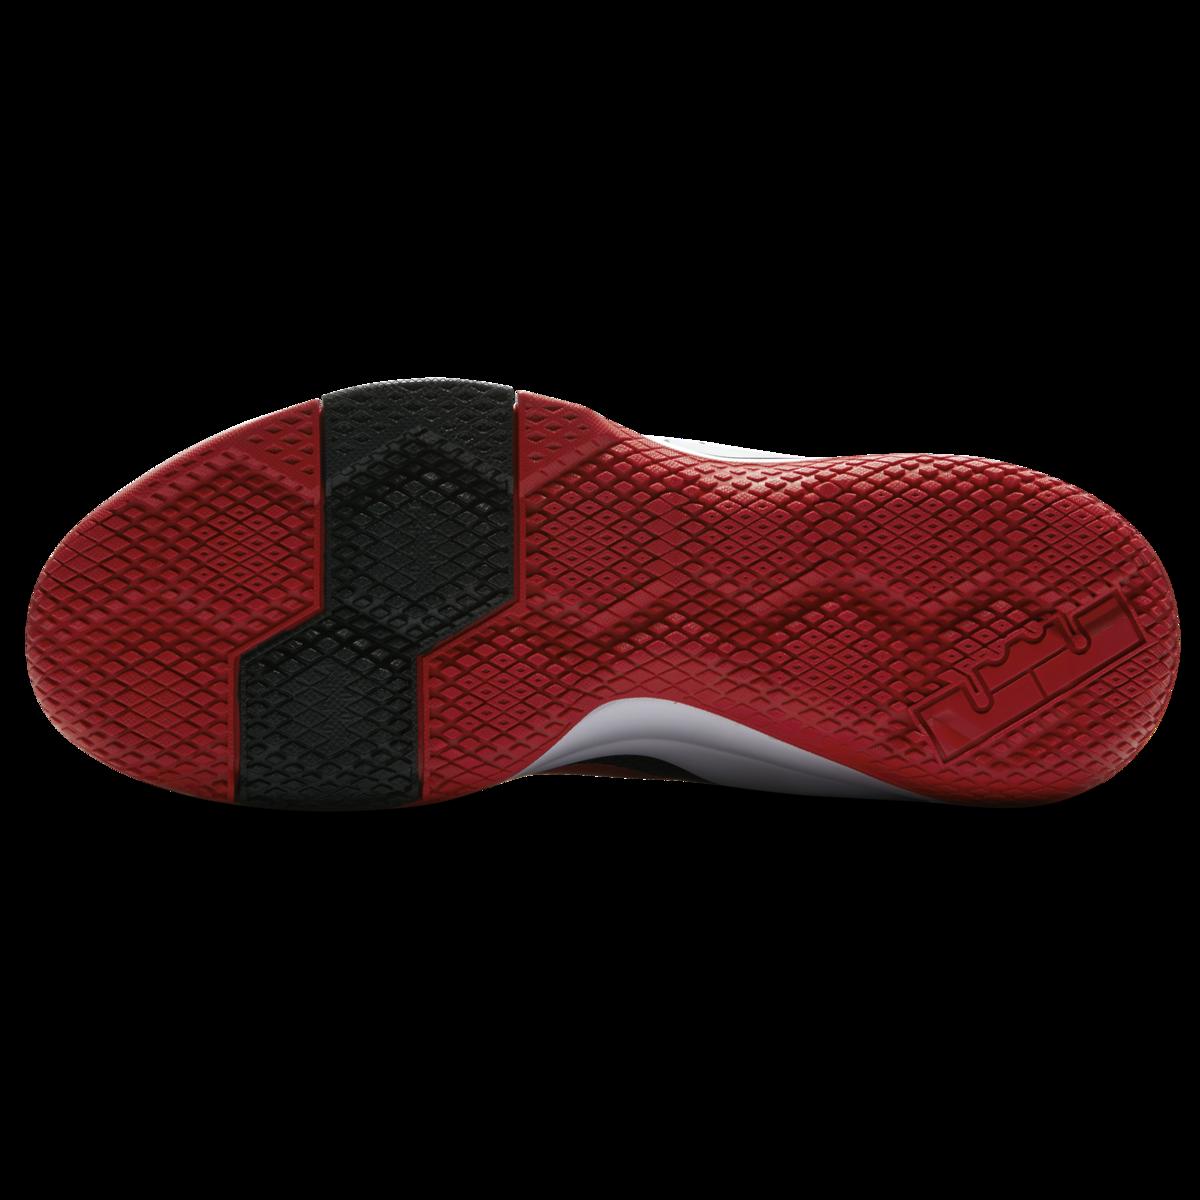 a58af0ea96b02 Nike LeBron Zoom Witness 2 Shoes - 942518-006